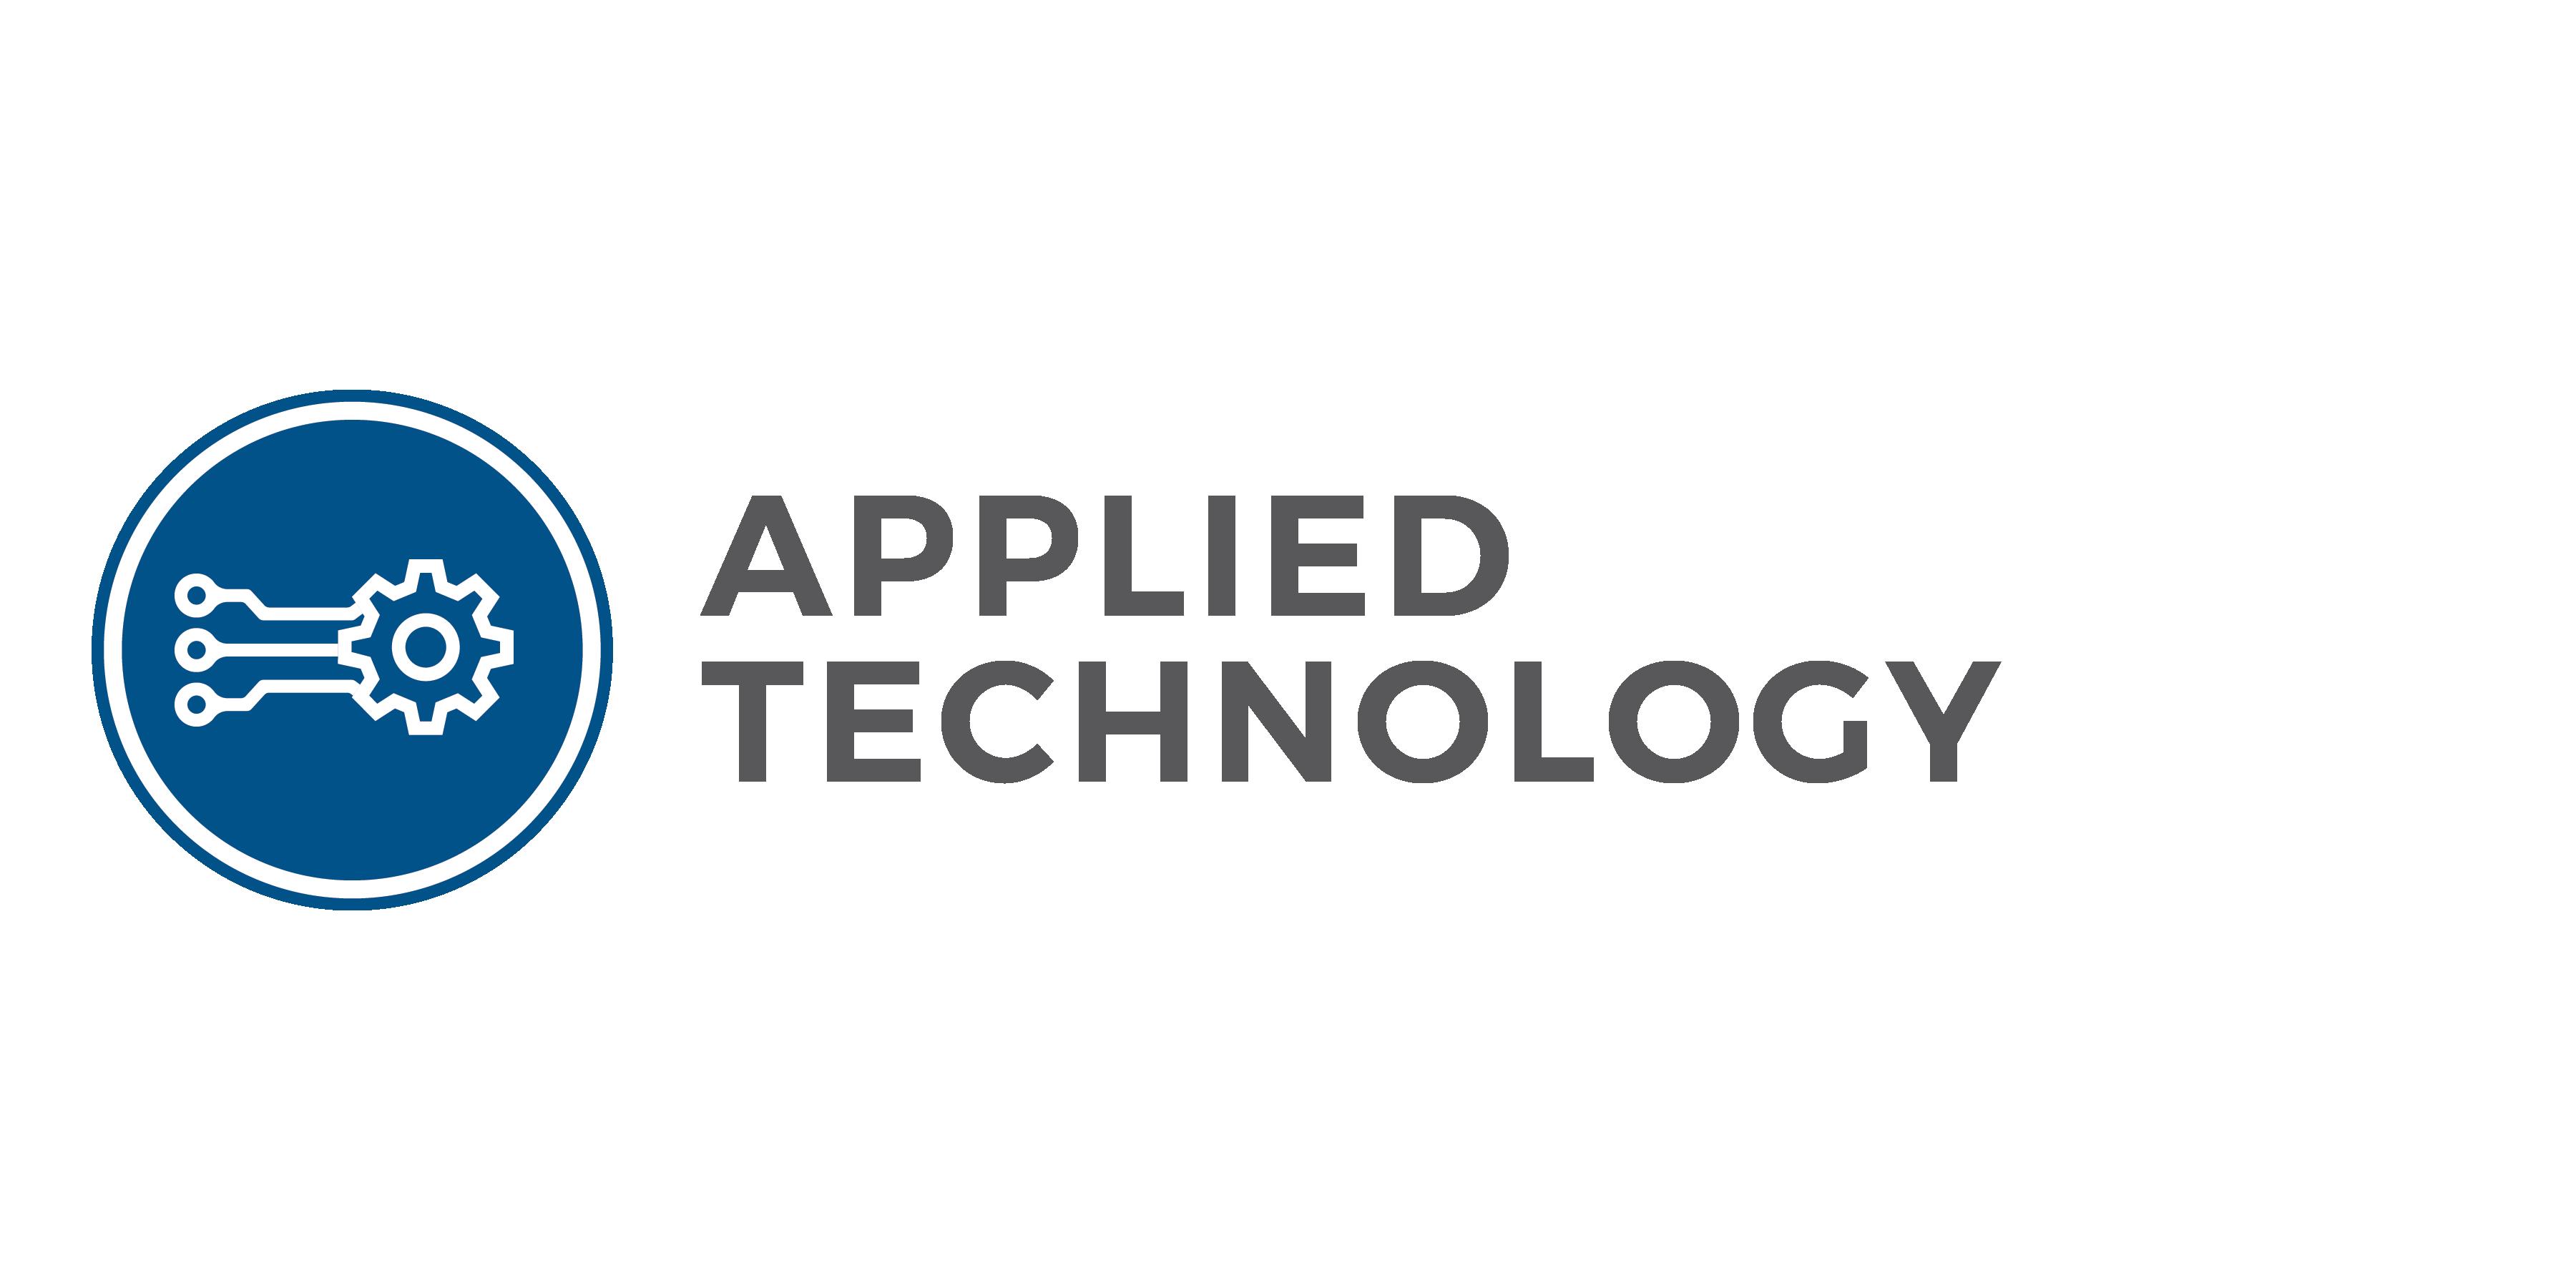 Applied Technology Field of Interest